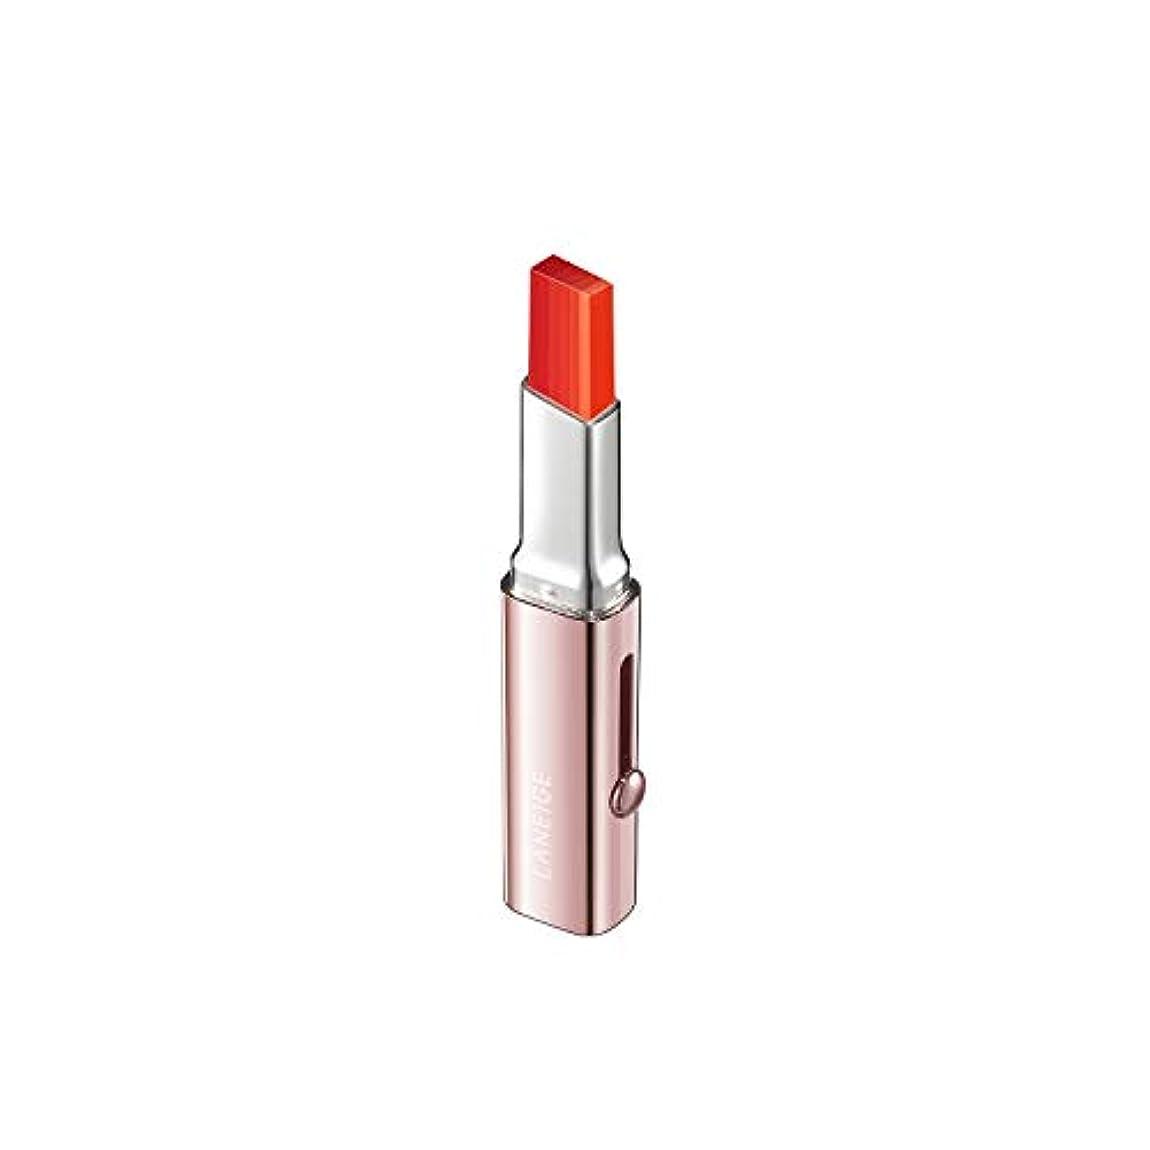 配列汗書店【ラネージュ】階層リップバー(1.9G)/ Layering Lip Bar-6つのカラーでのグラデーションカラー演出 (#3 GELLRUSH RED)